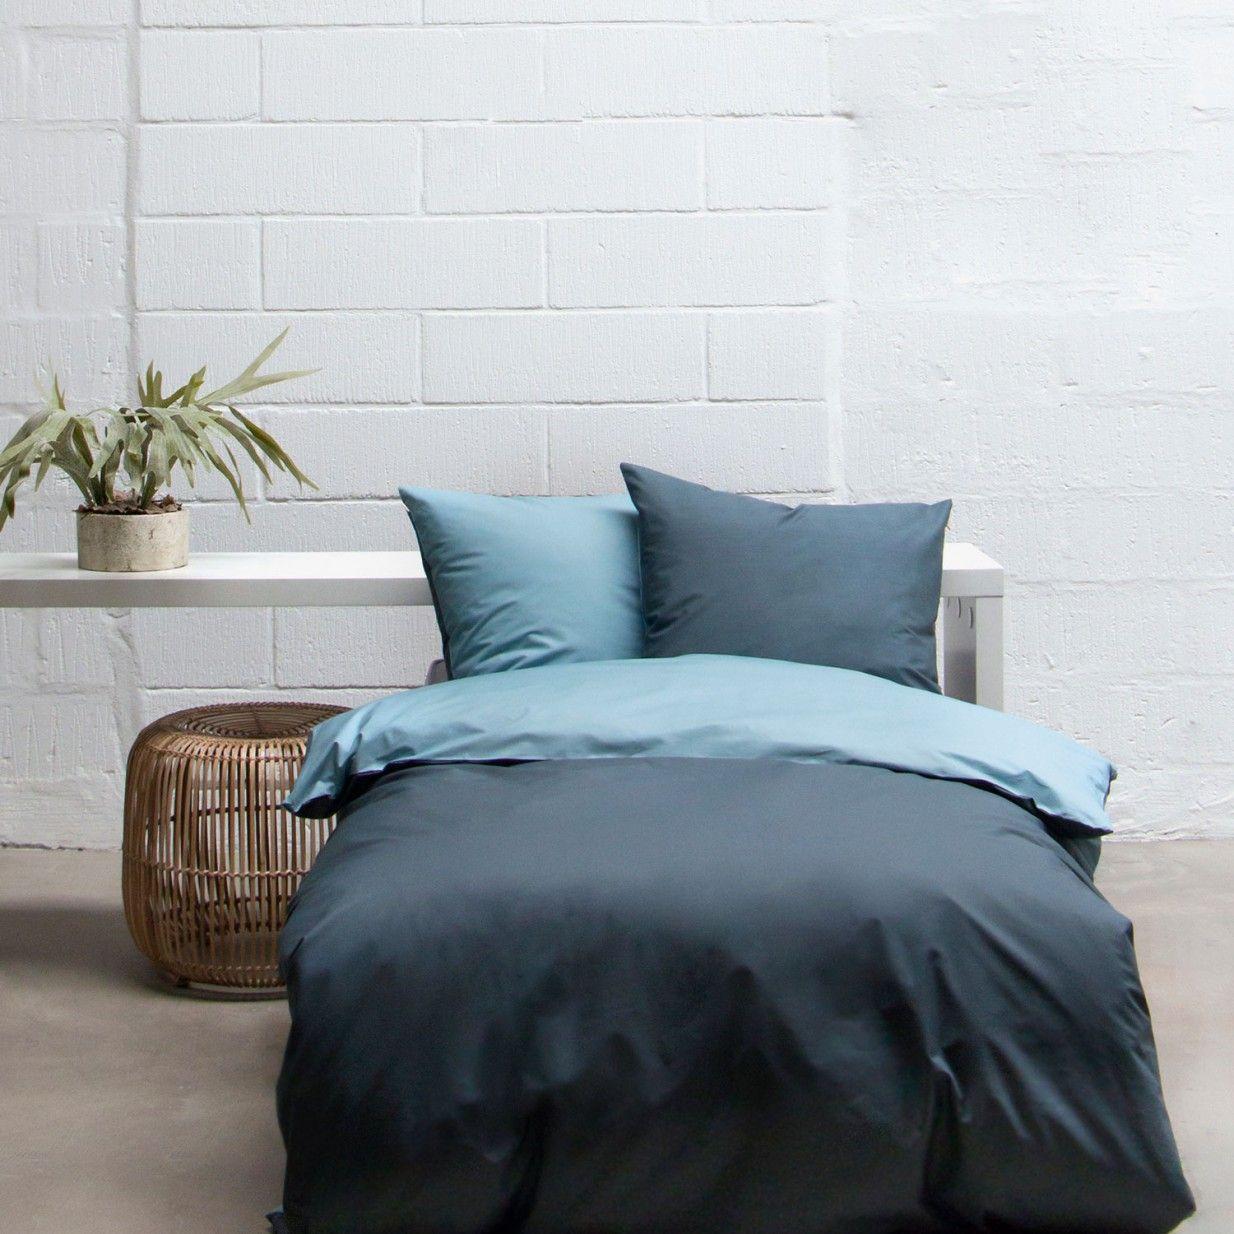 135x200 Bettwasche Blau Mette Ditmer Bed